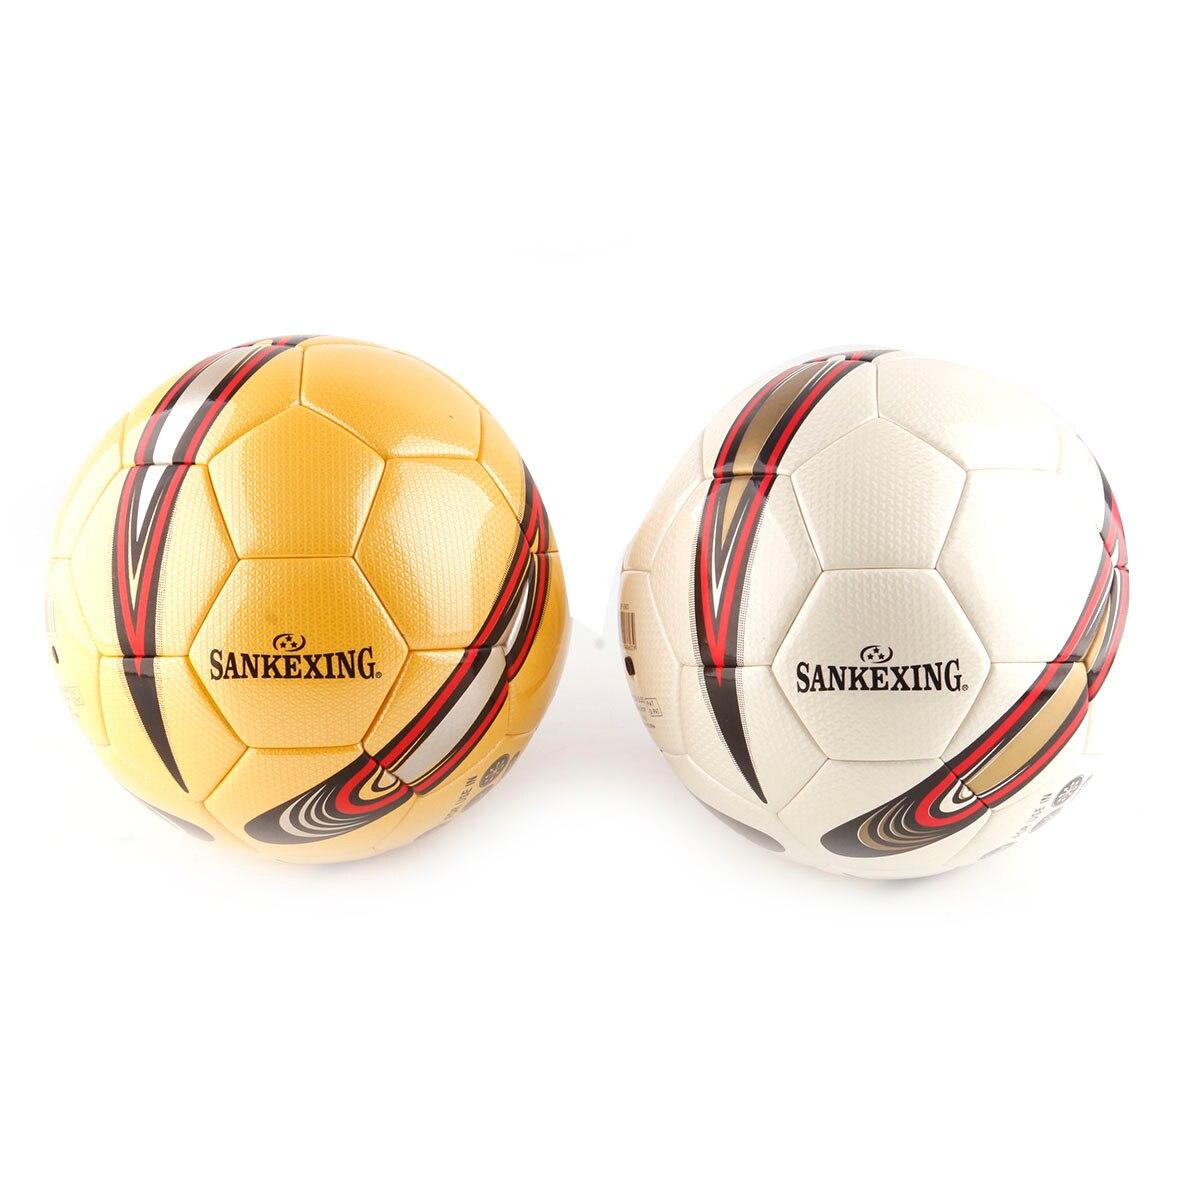 Soccer Ball Size 4 Outdoor Football Ball Standard Soccer Ball Training Ball Dropshipping